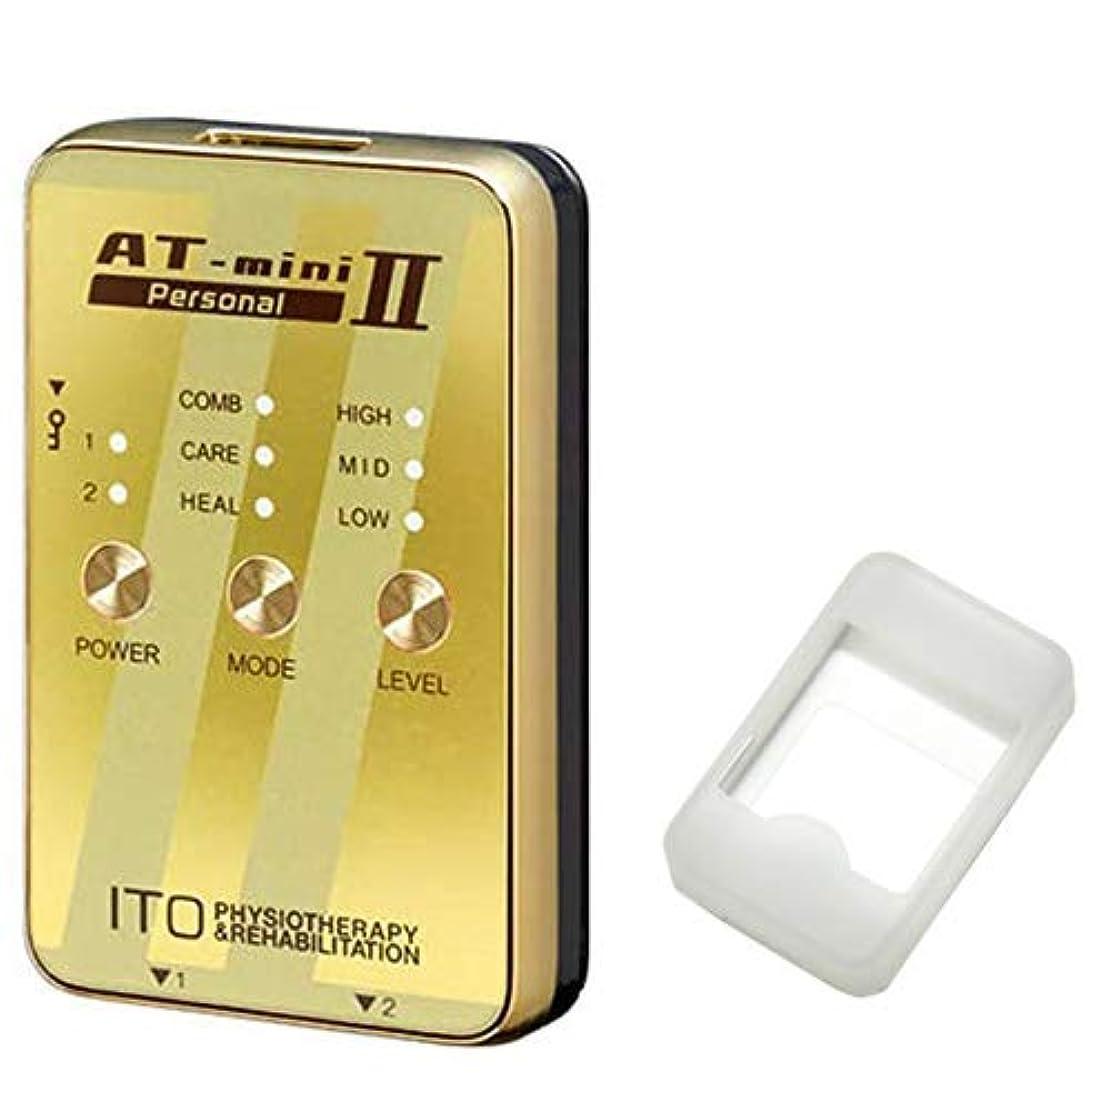 一杯鉱石感謝する低周波治療器 AT-mini personal II ゴールド (ATミニパーソナル2) + シリコン保護ケース